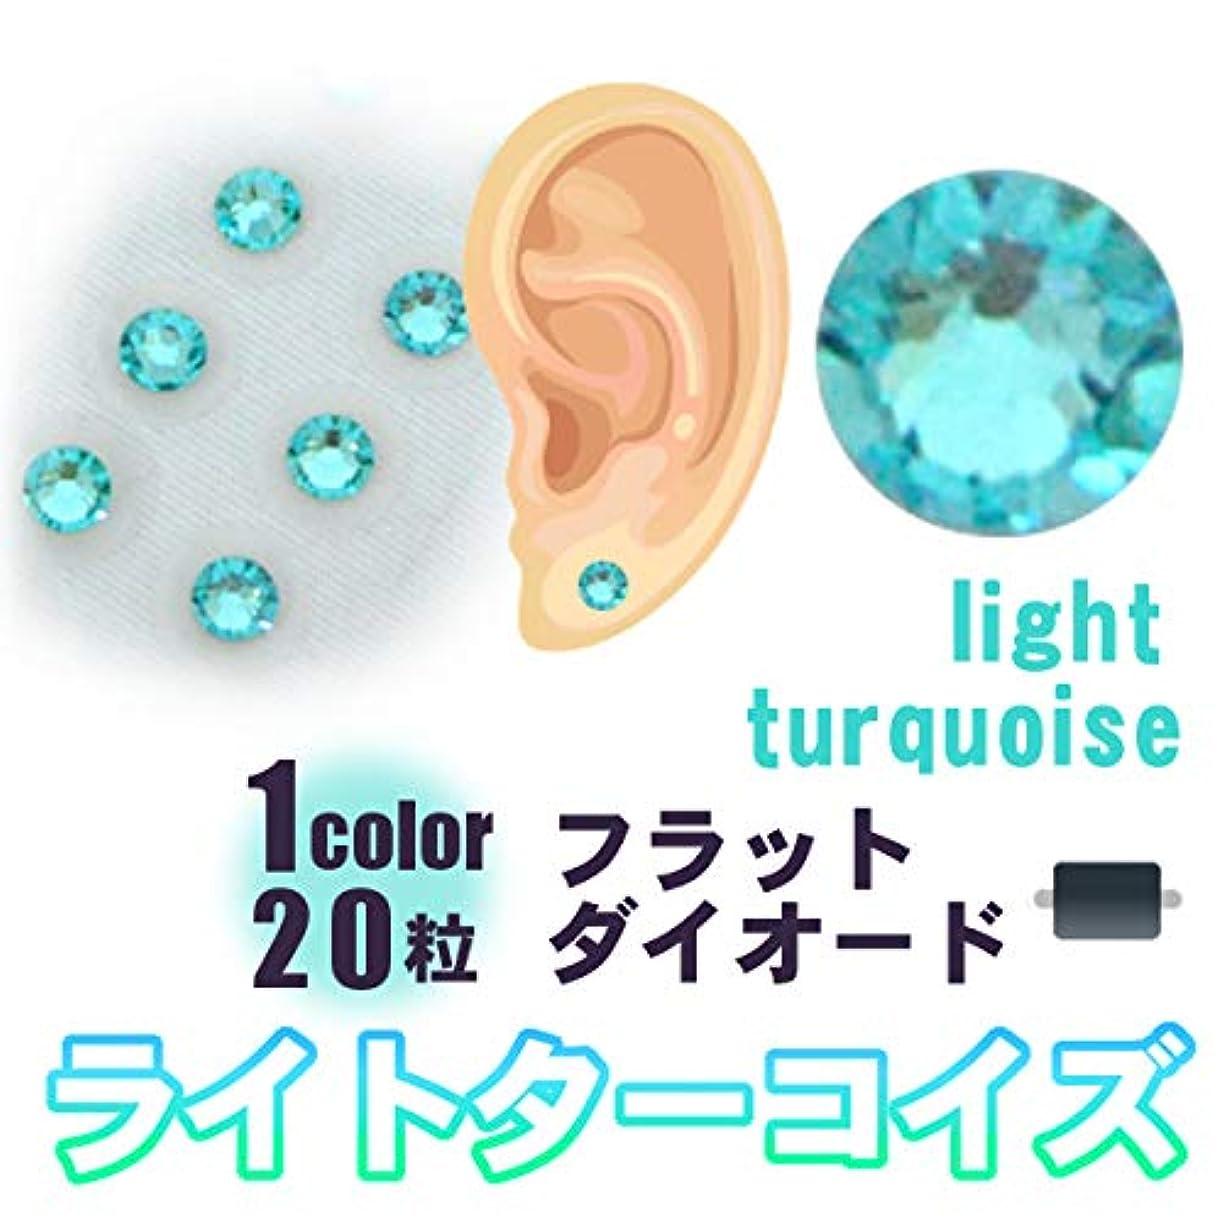 咳司教形式フラットダイオード 耳つぼジュエリー(1シート20粒)ライトターコイズー粘着強化耳ツボシール (S ss7 約2mm) 【初心者用耳つぼマップ付】 【初心者用耳つぼマップ付】